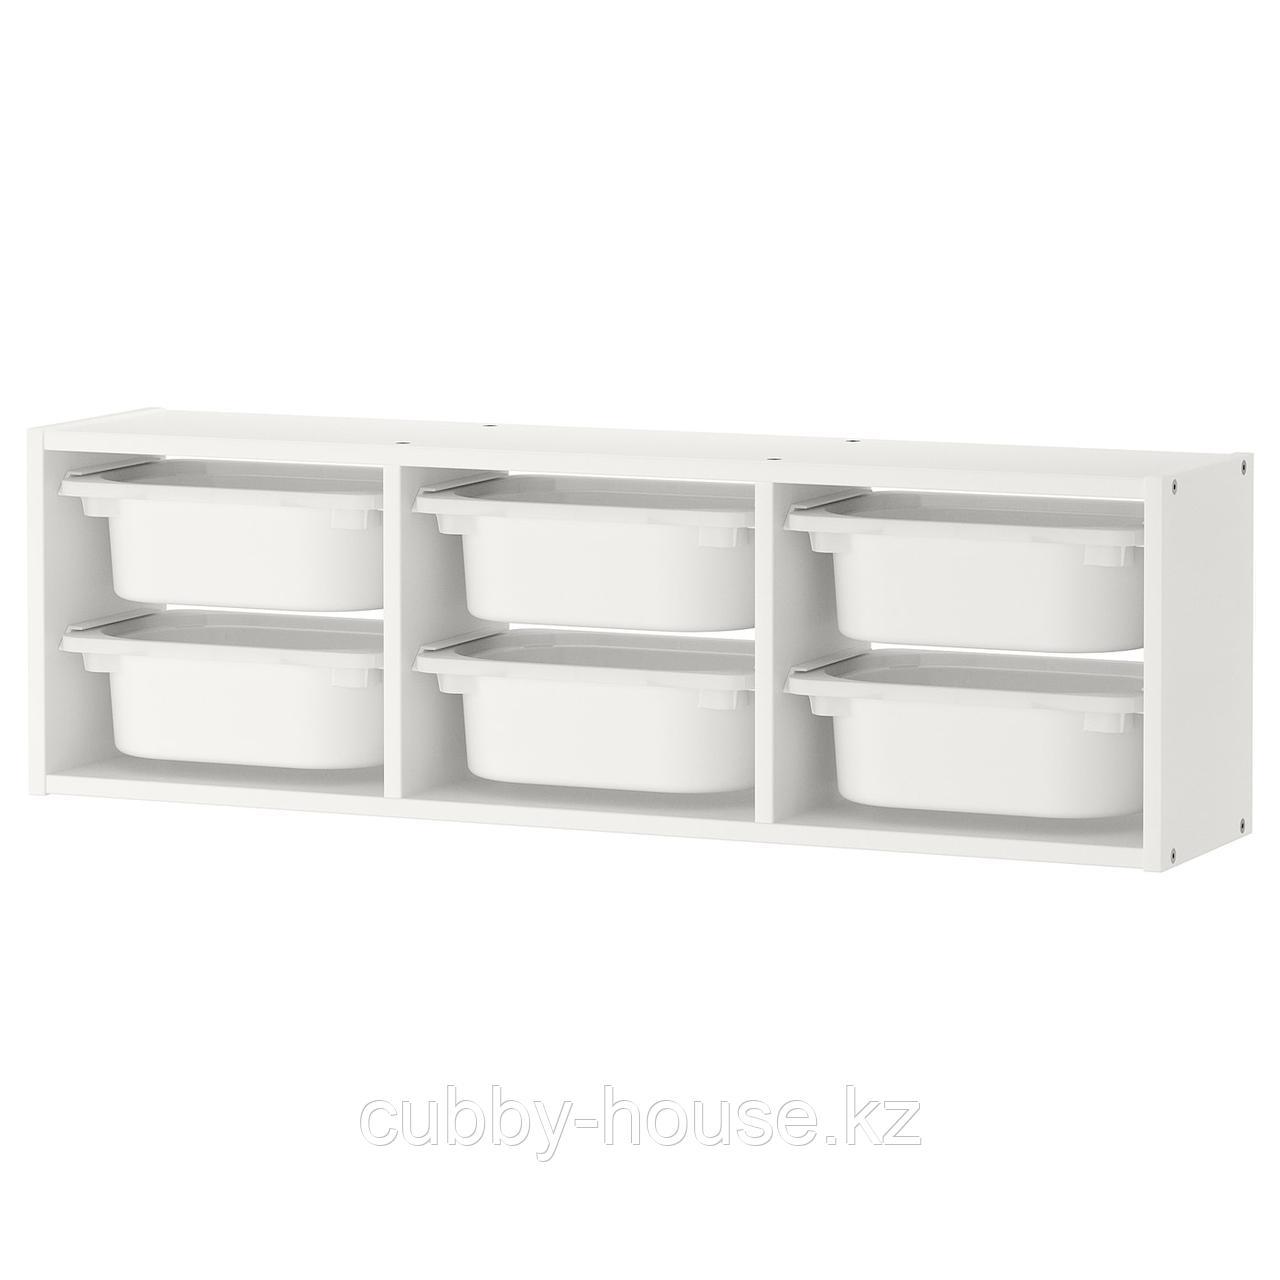 ТРУФАСТ Настенный модуль для хранения, белый, белый, 99x21x30 см